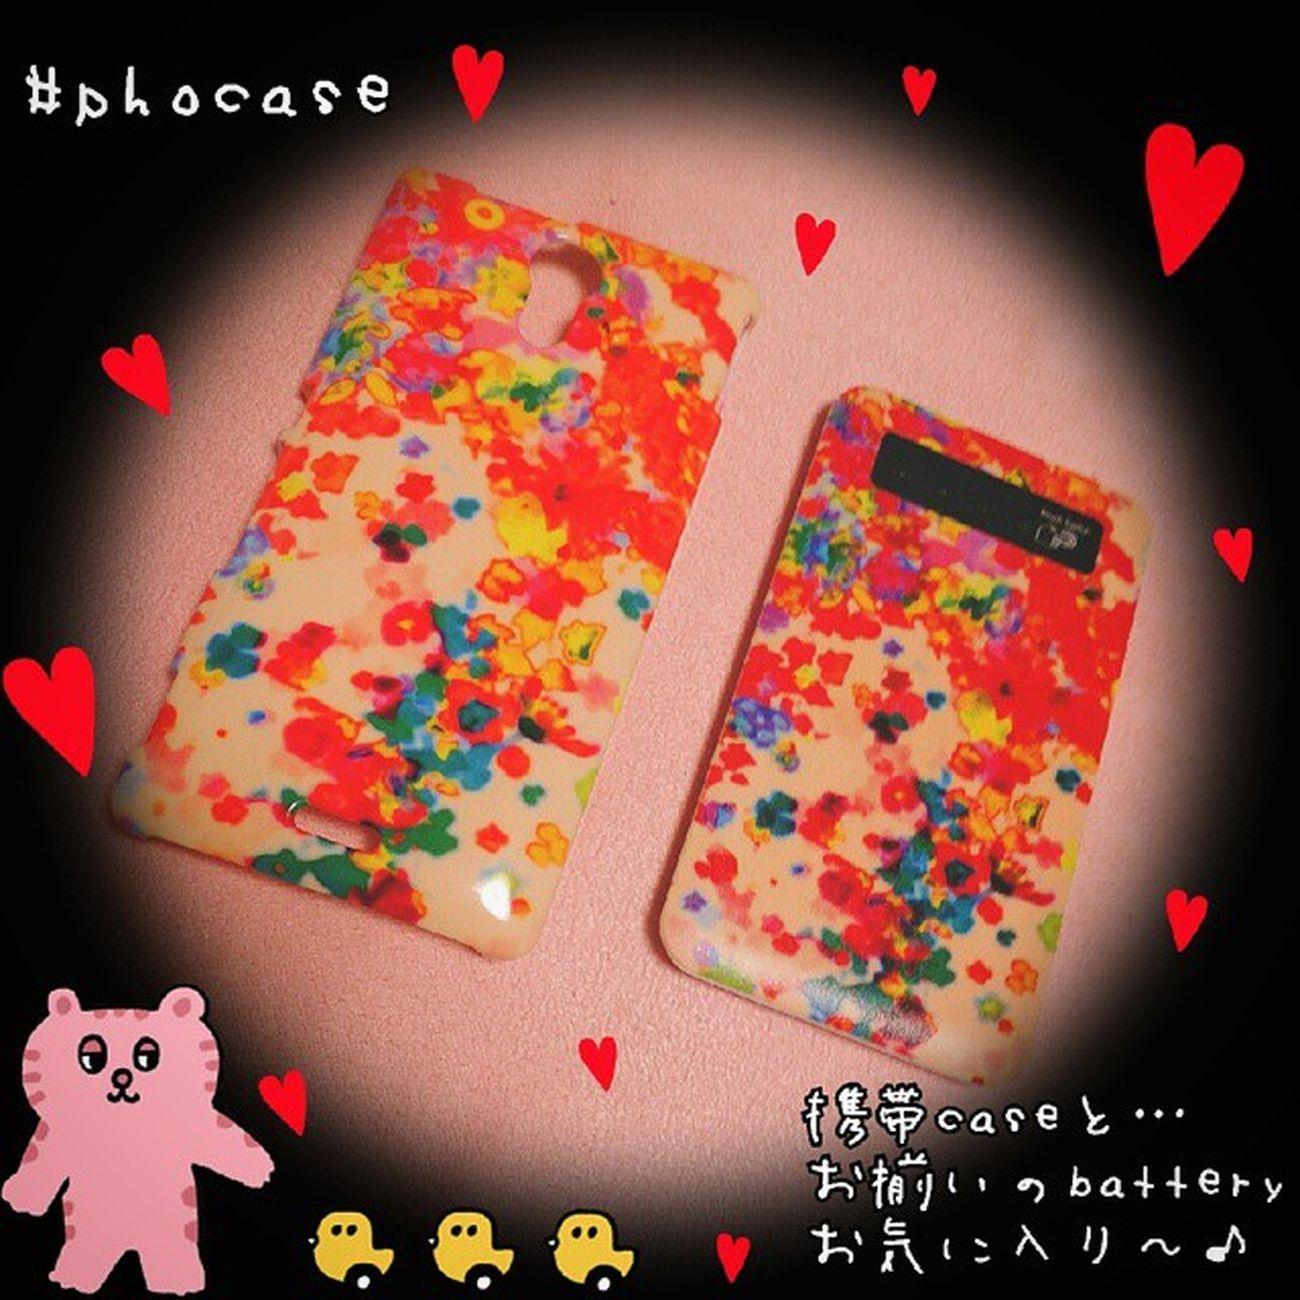 携帯caseとお揃いのbatteryをゲット~♪ @phocaseさんの携帯caseとbatteryどれも素敵♪ 長旅や携帯充電が長持ちしないときはbattery便利~!!! 嬉しい~(*´ω`*) Phocase 携帯case Phonecase 携帯バッテリー 携帯battery Battery お気に入り 素敵 嬉しい 39